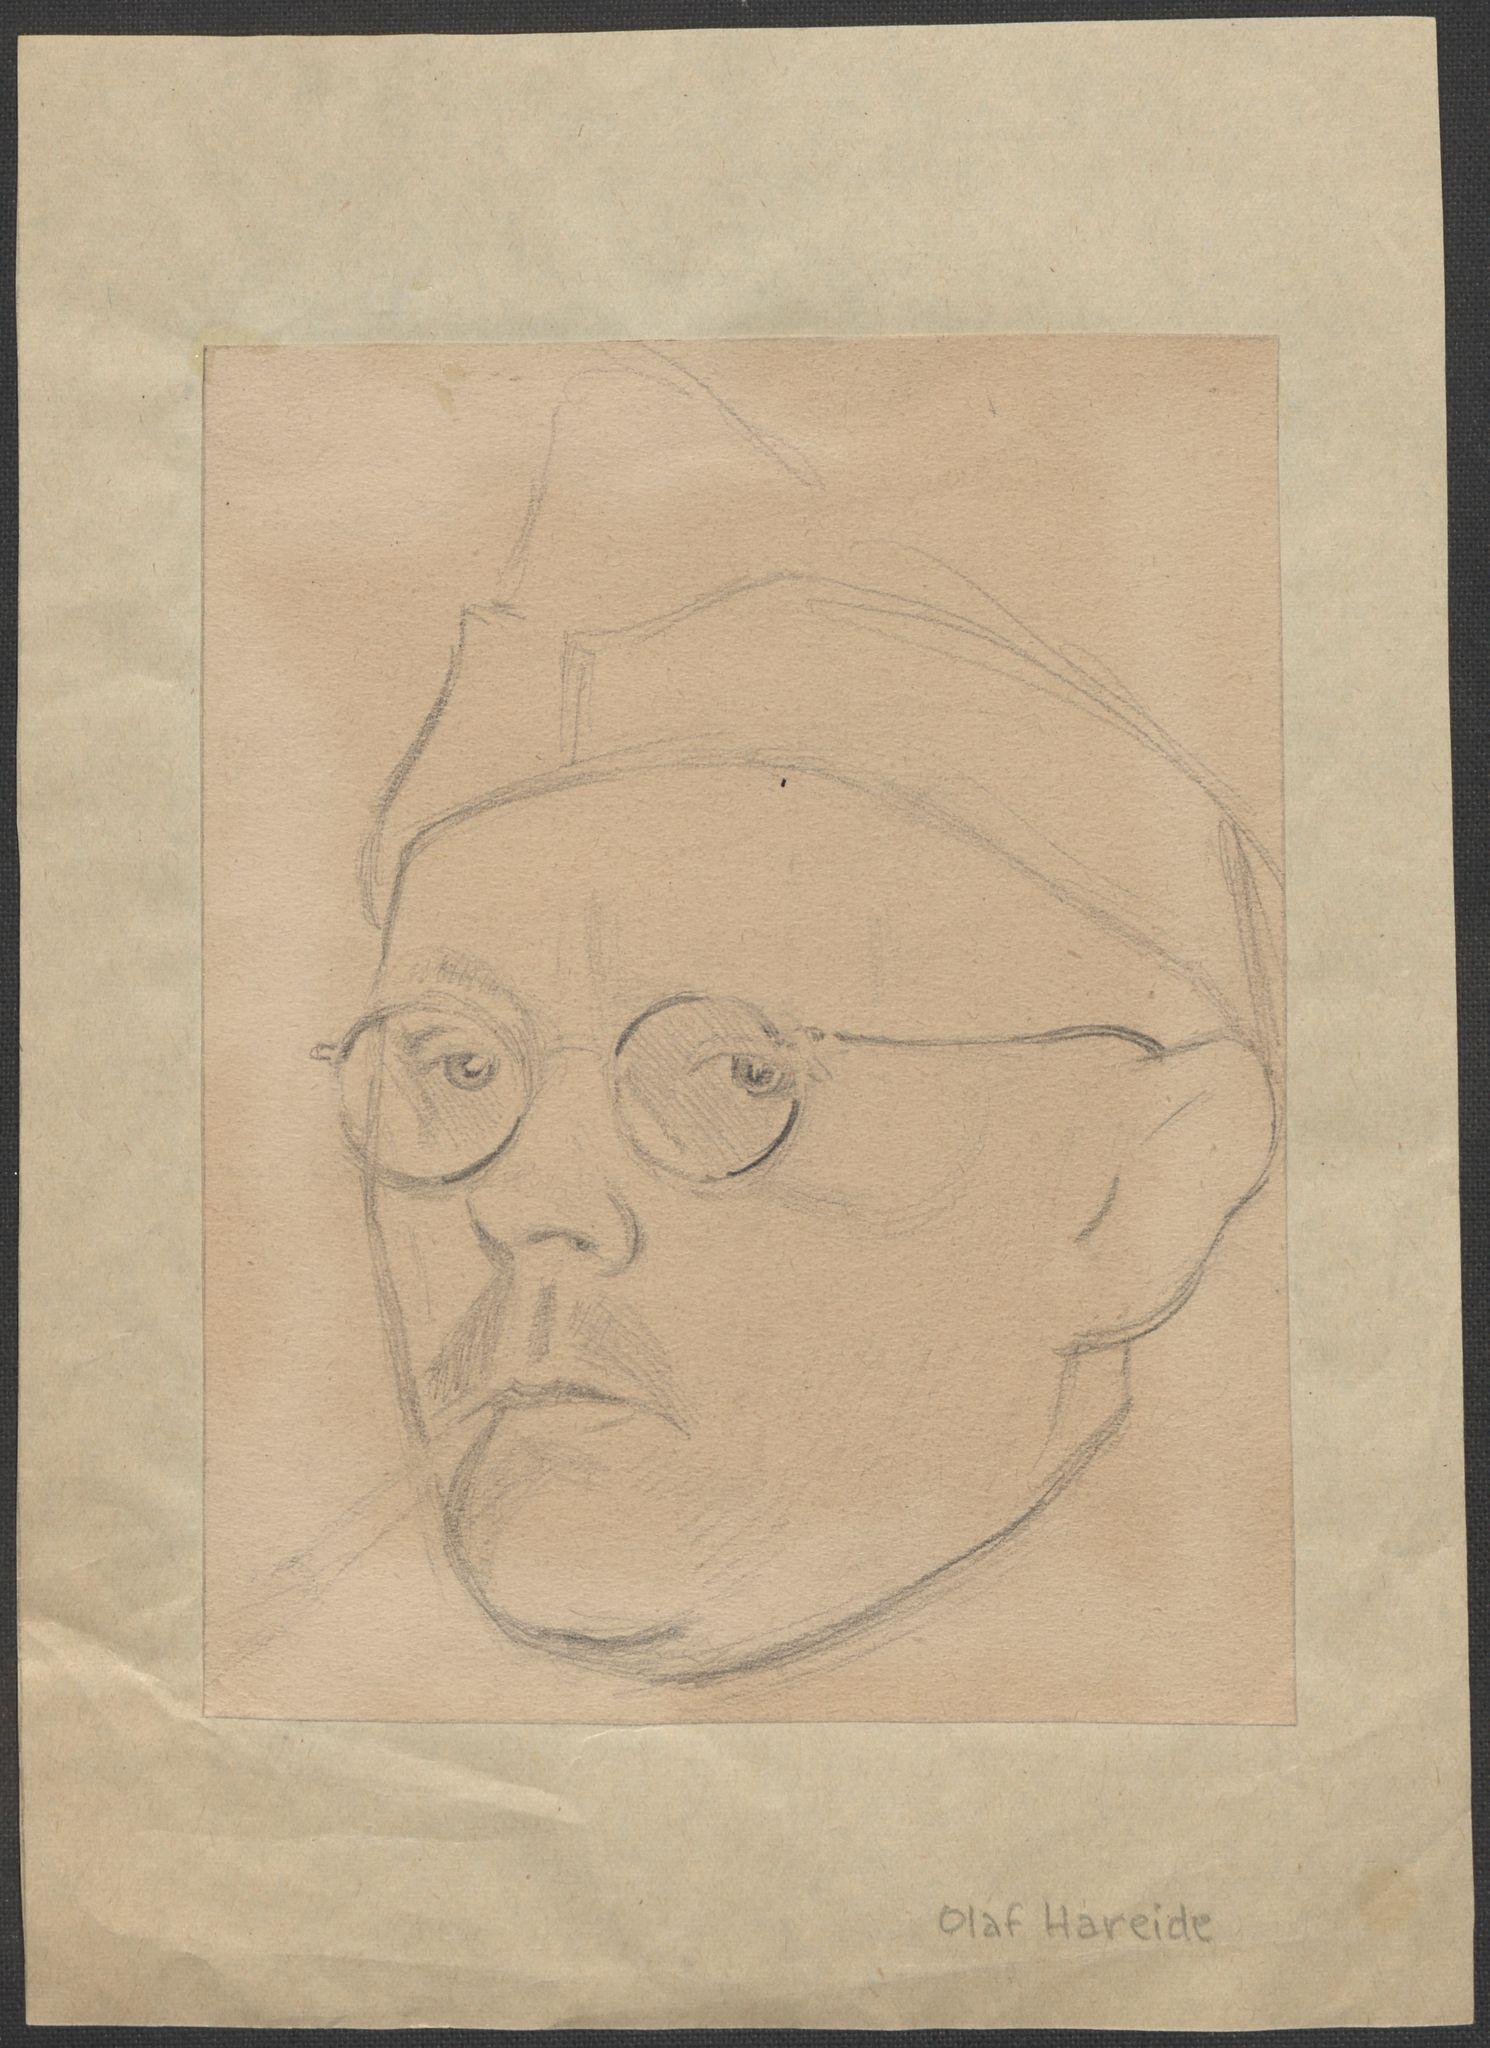 RA, Grøgaard, Joachim, F/L0002: Tegninger og tekster, 1942-1945, p. 8